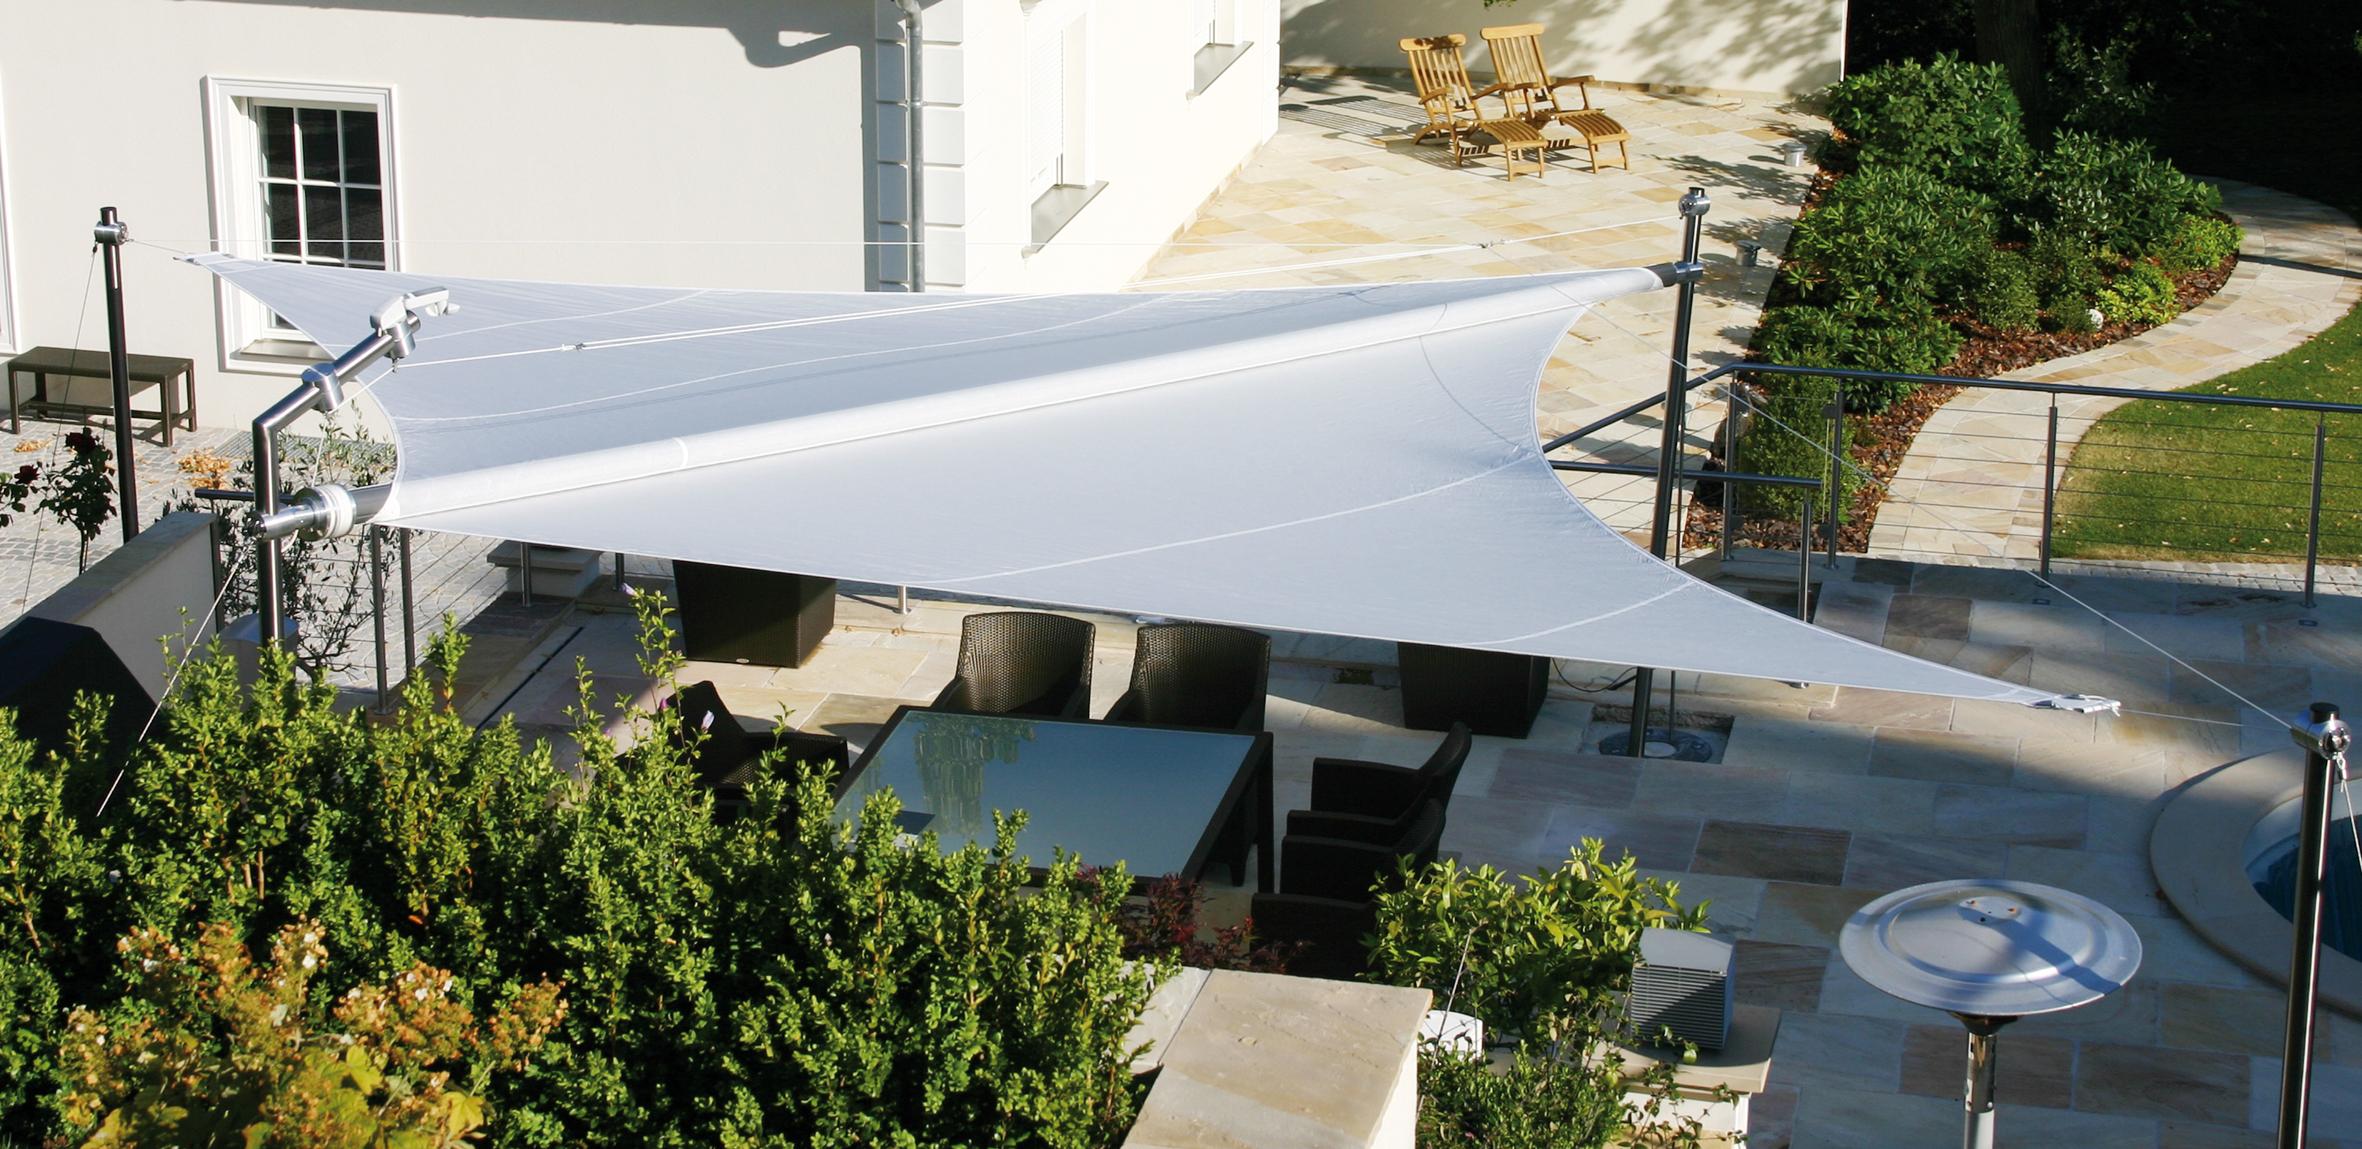 Sefar Architecture Esterni Tessuti Per Architettura